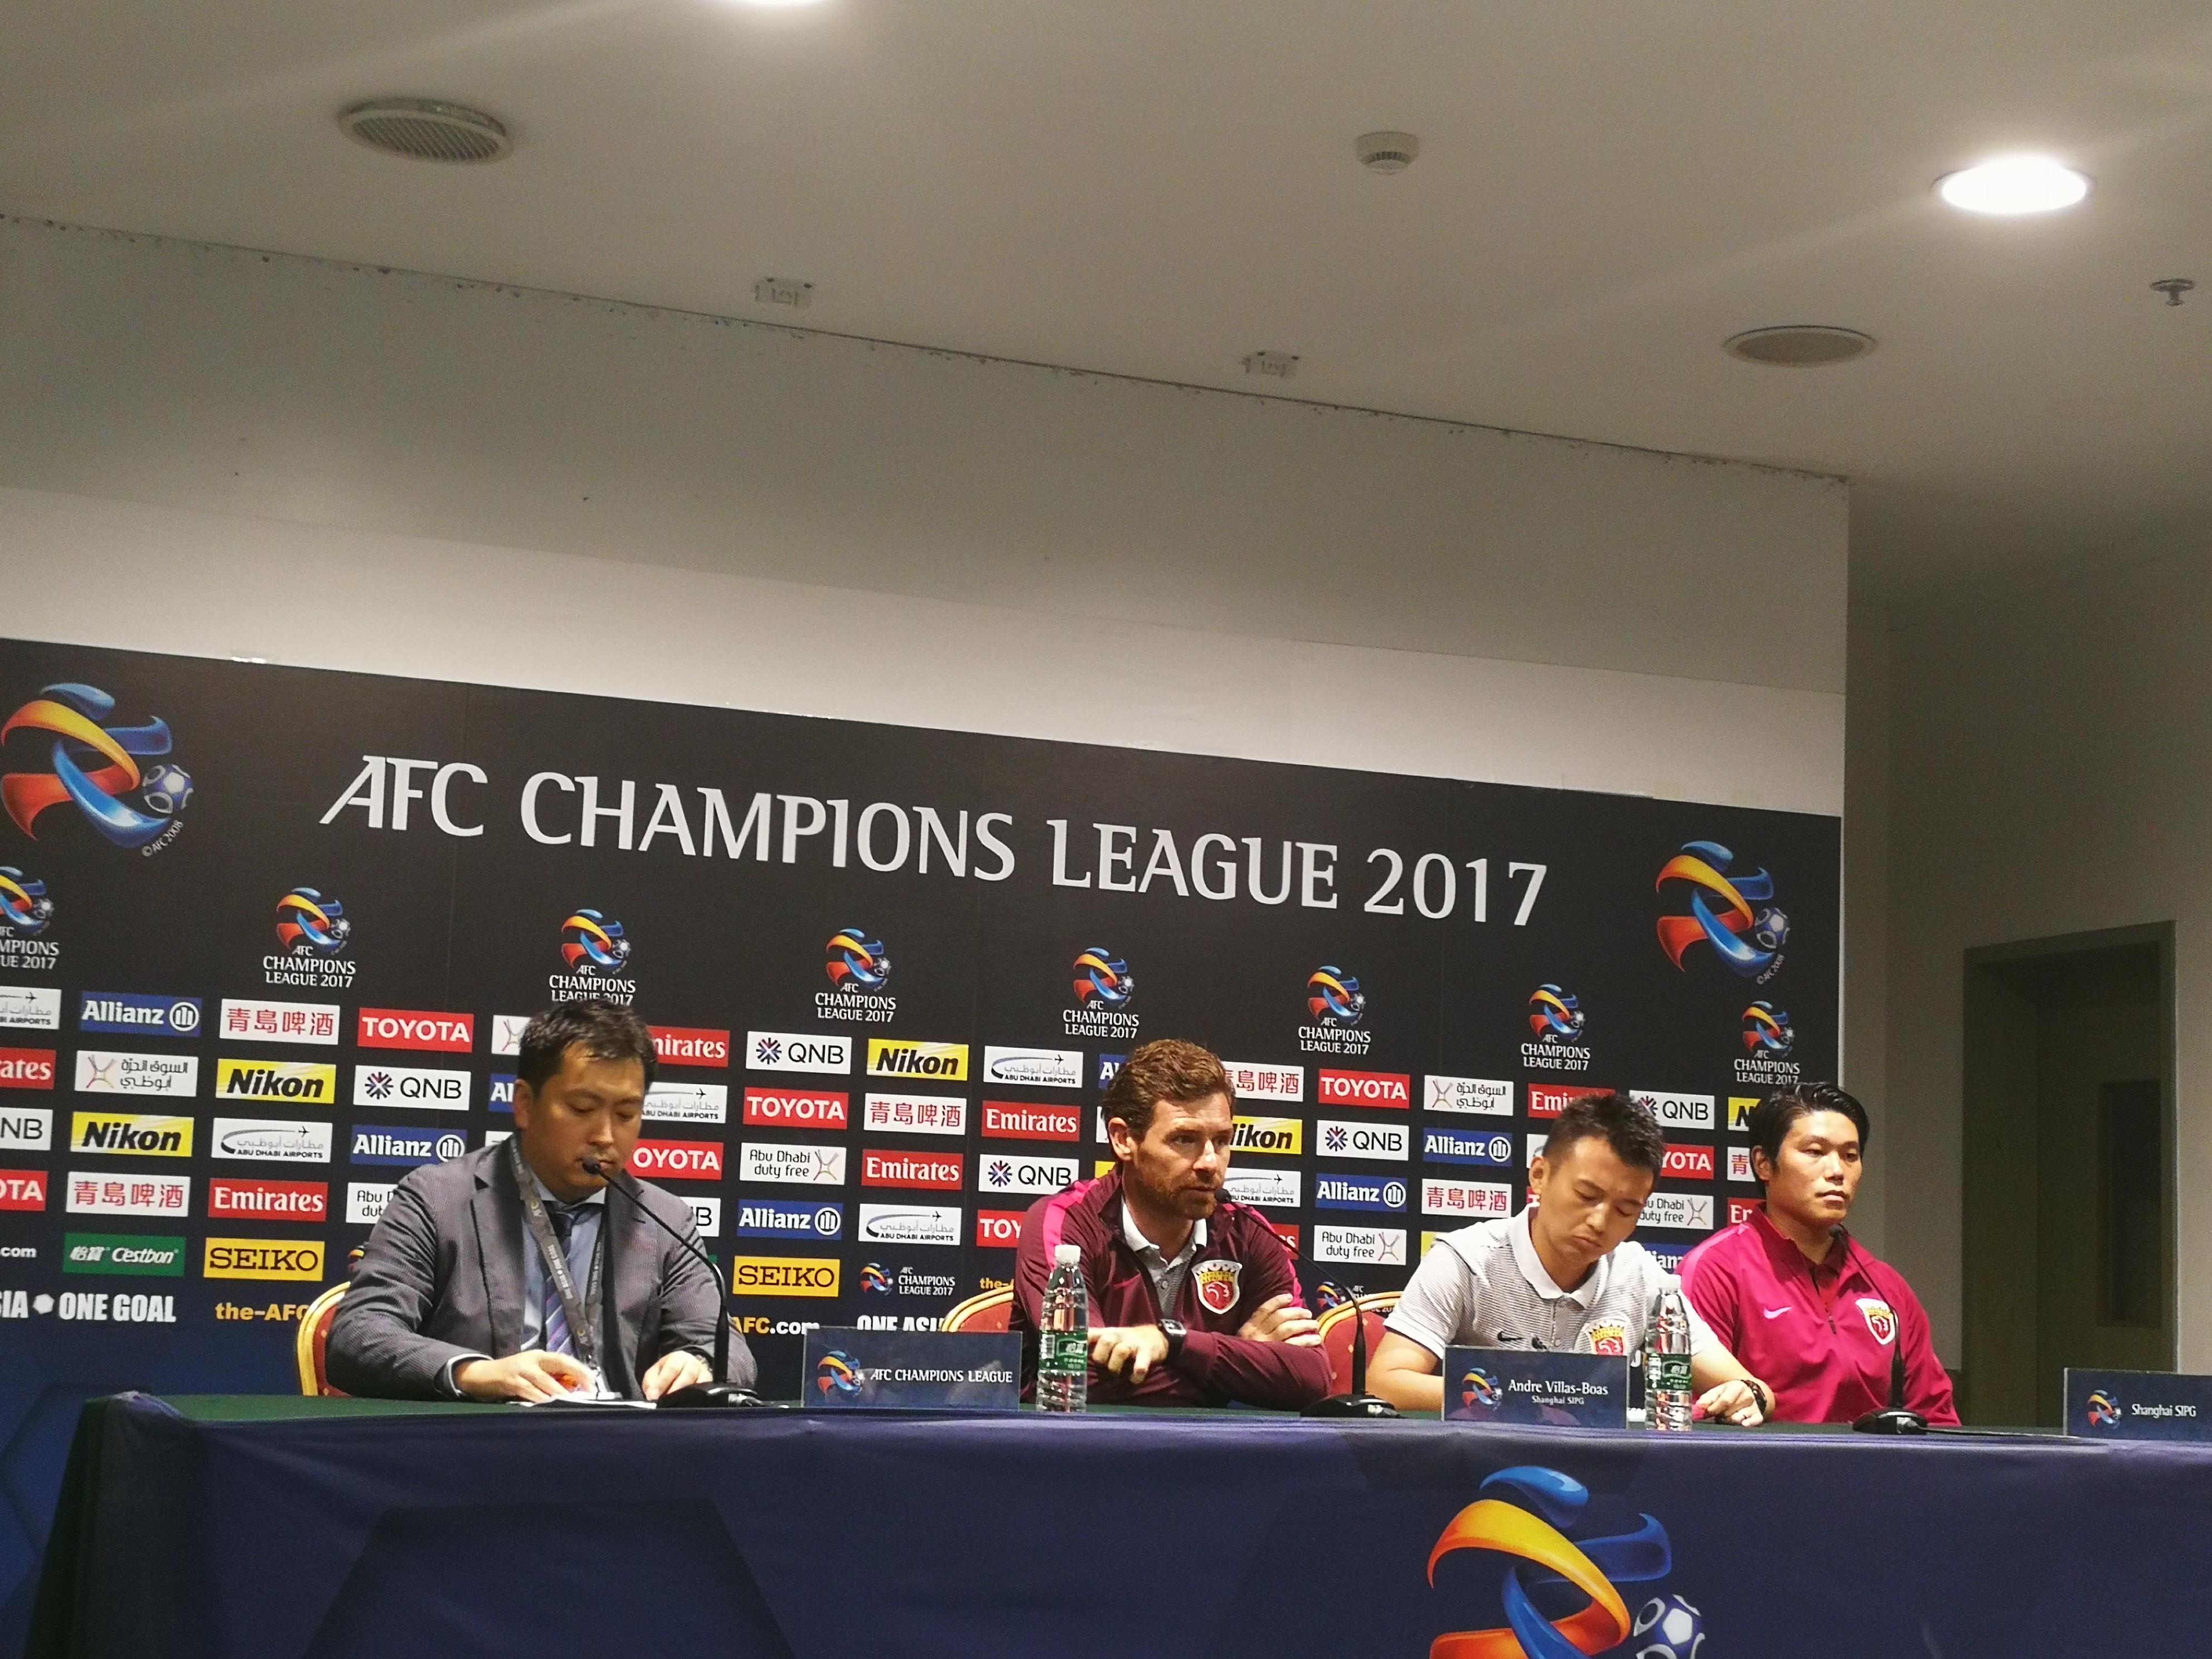 博阿斯:主场打浦和力争好结果 中超仍存夺冠可能